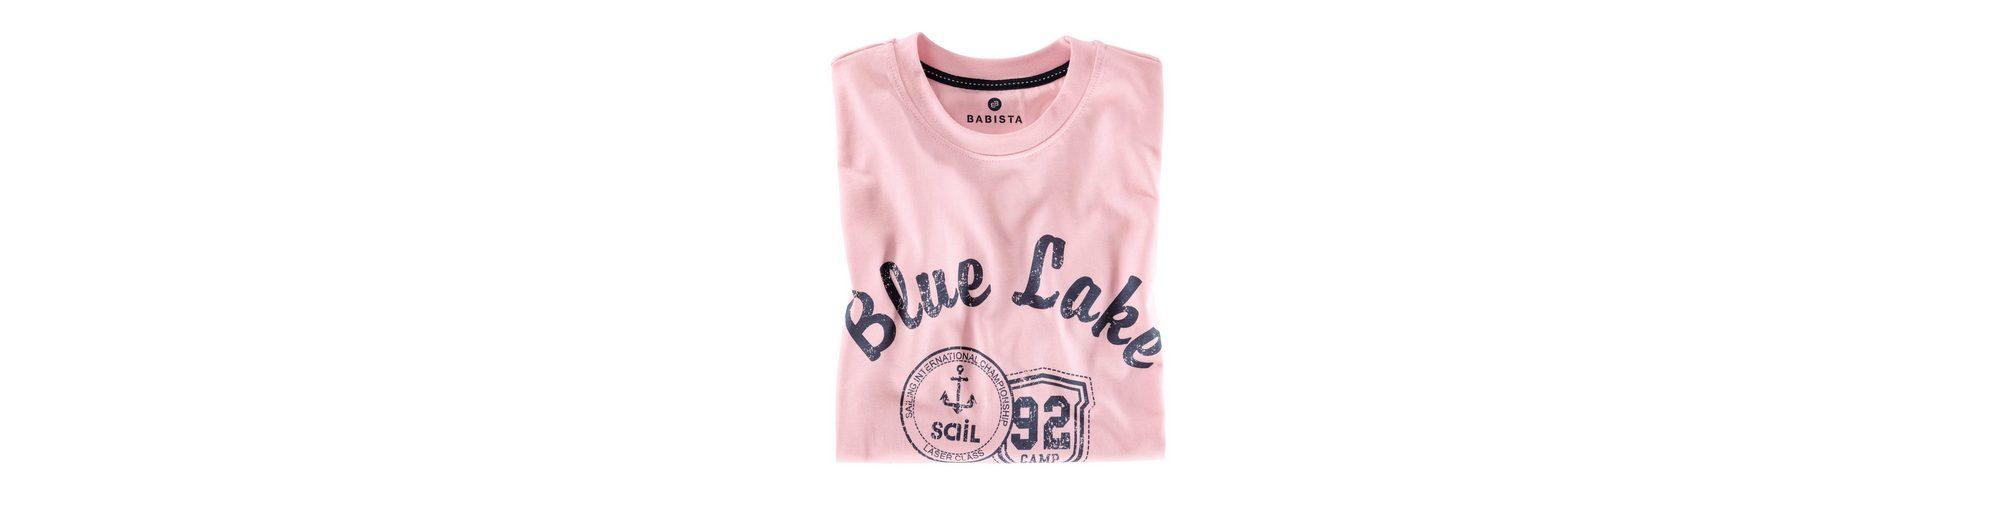 Babista T-Shirt mit platziertem Druck Billig Footlocker TsBQUu